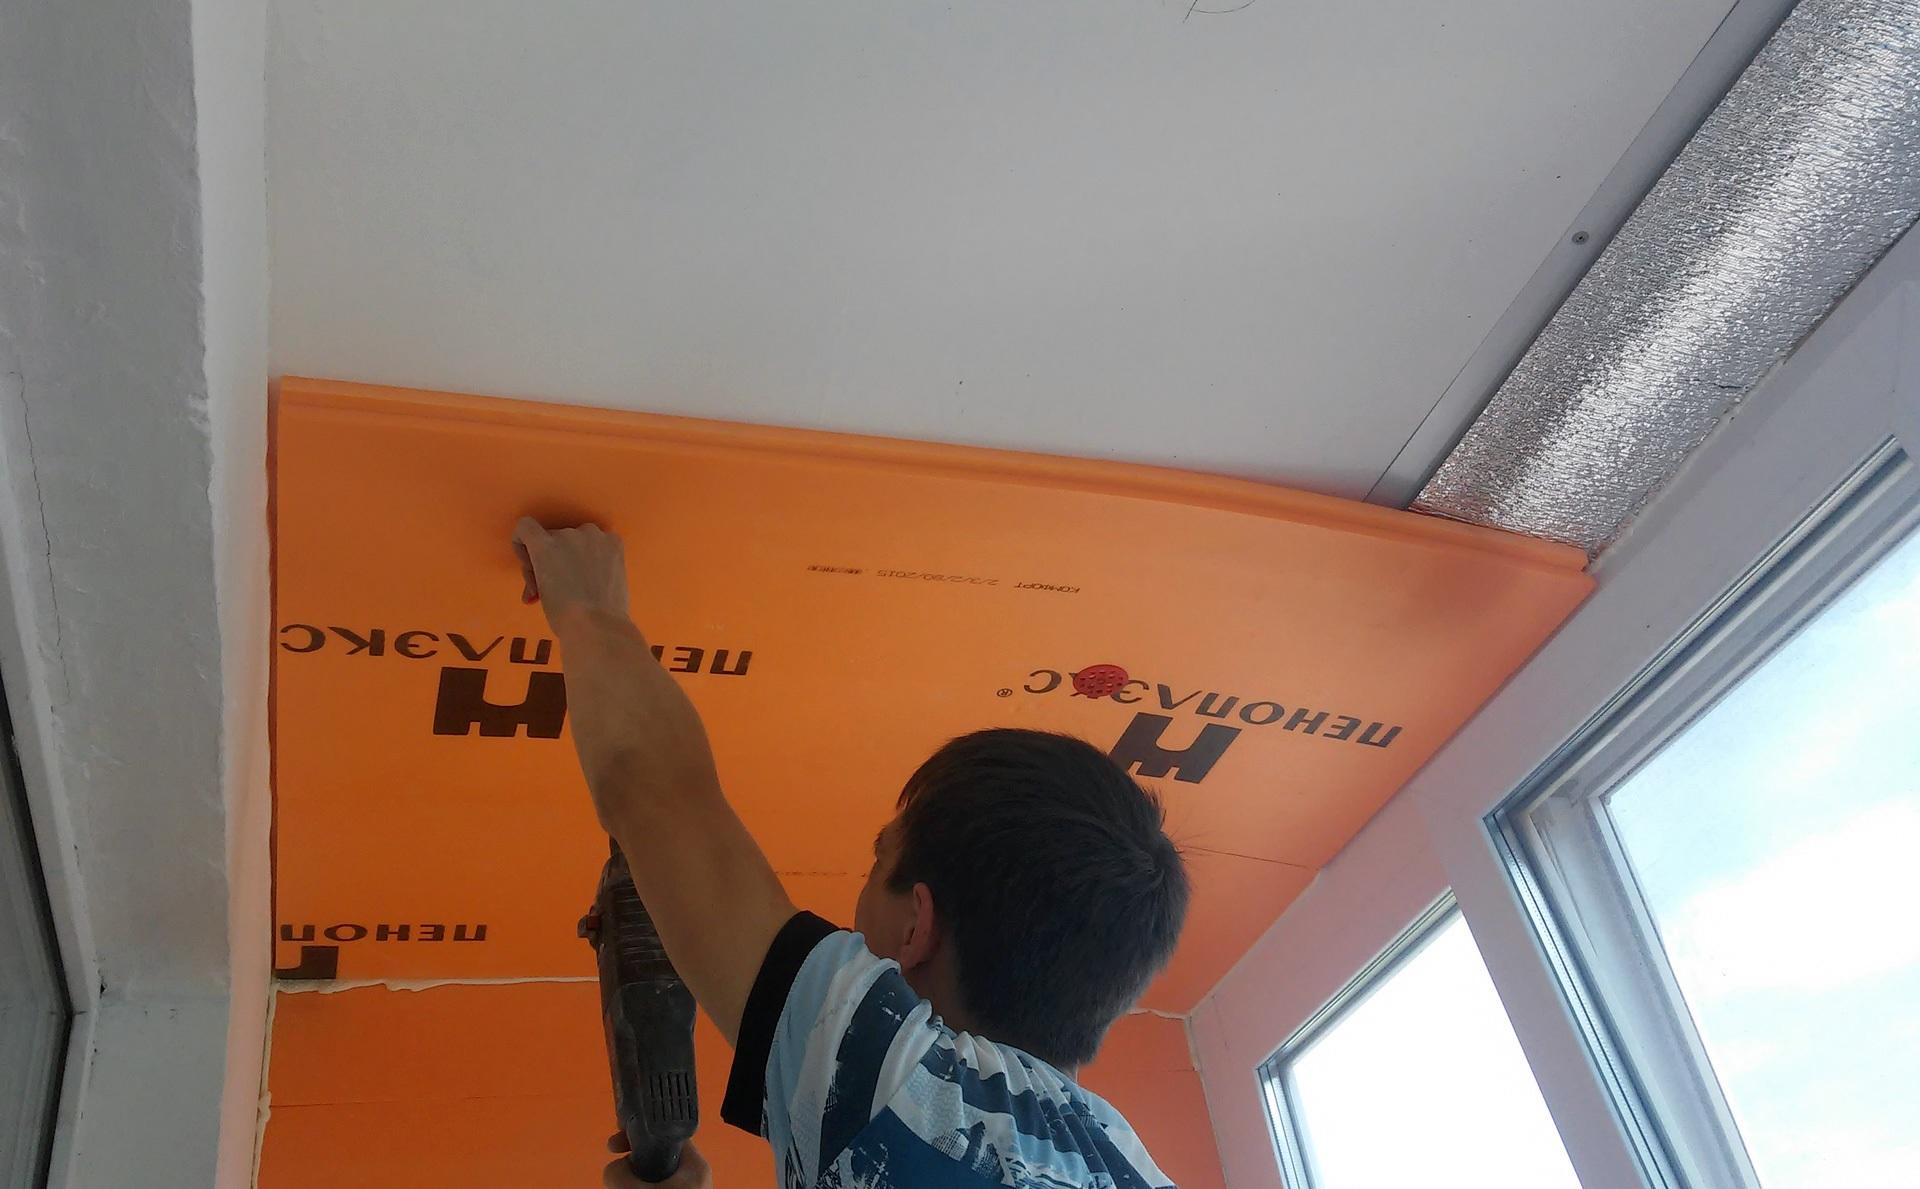 Нанесите клей по периметру листа пеноплекса или пенопласта и приклеиваем к потолку, для большей надежности фиксируем дюбелями со шляпками